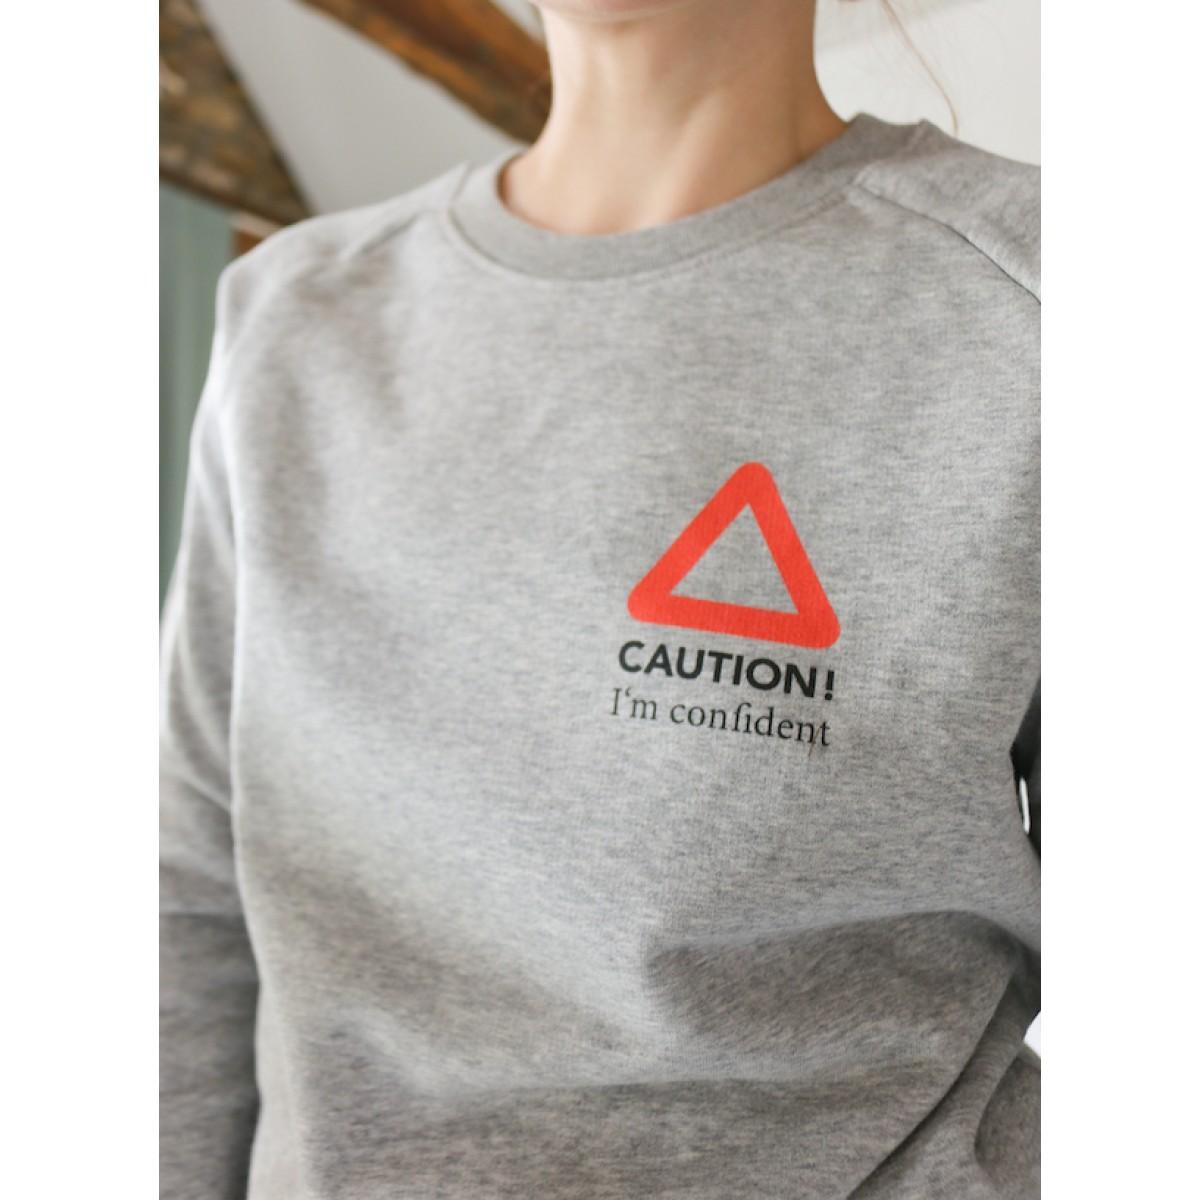 """stahlpink – """"CAUTION - I'm confident"""" - nachhaltiger Sweater in grau-meliert"""